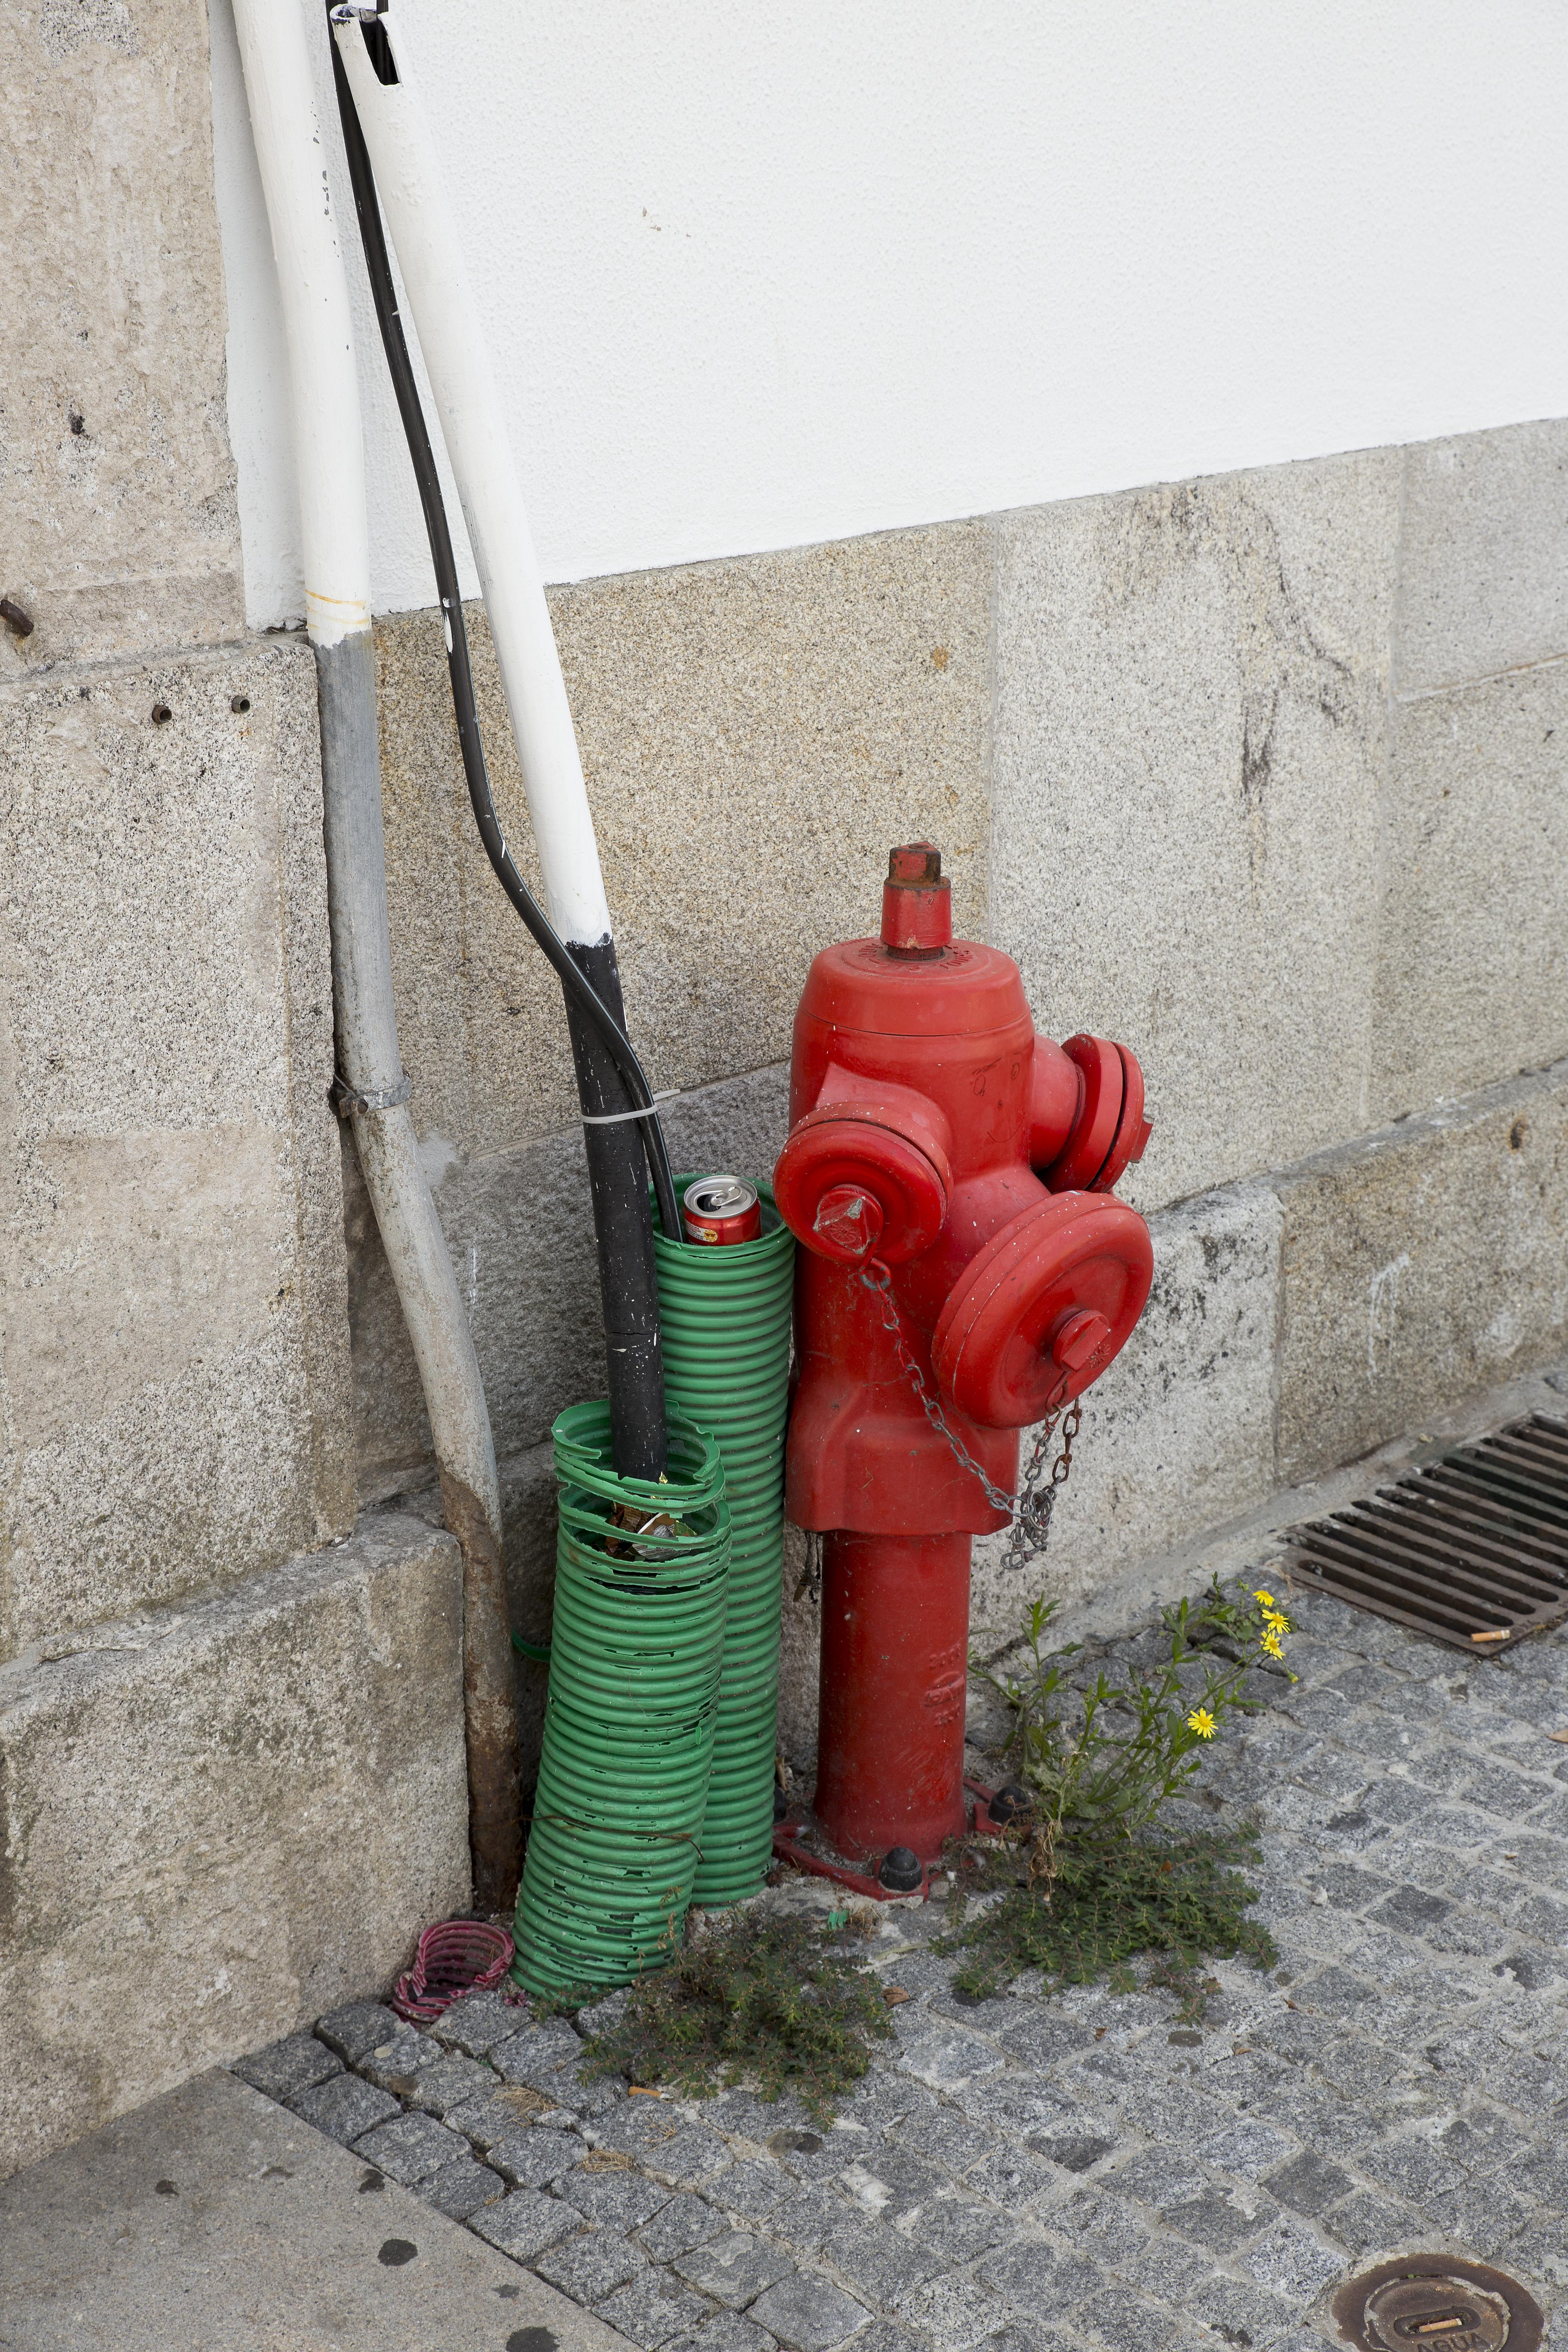 Portugal, Viana do Castelo (2018)